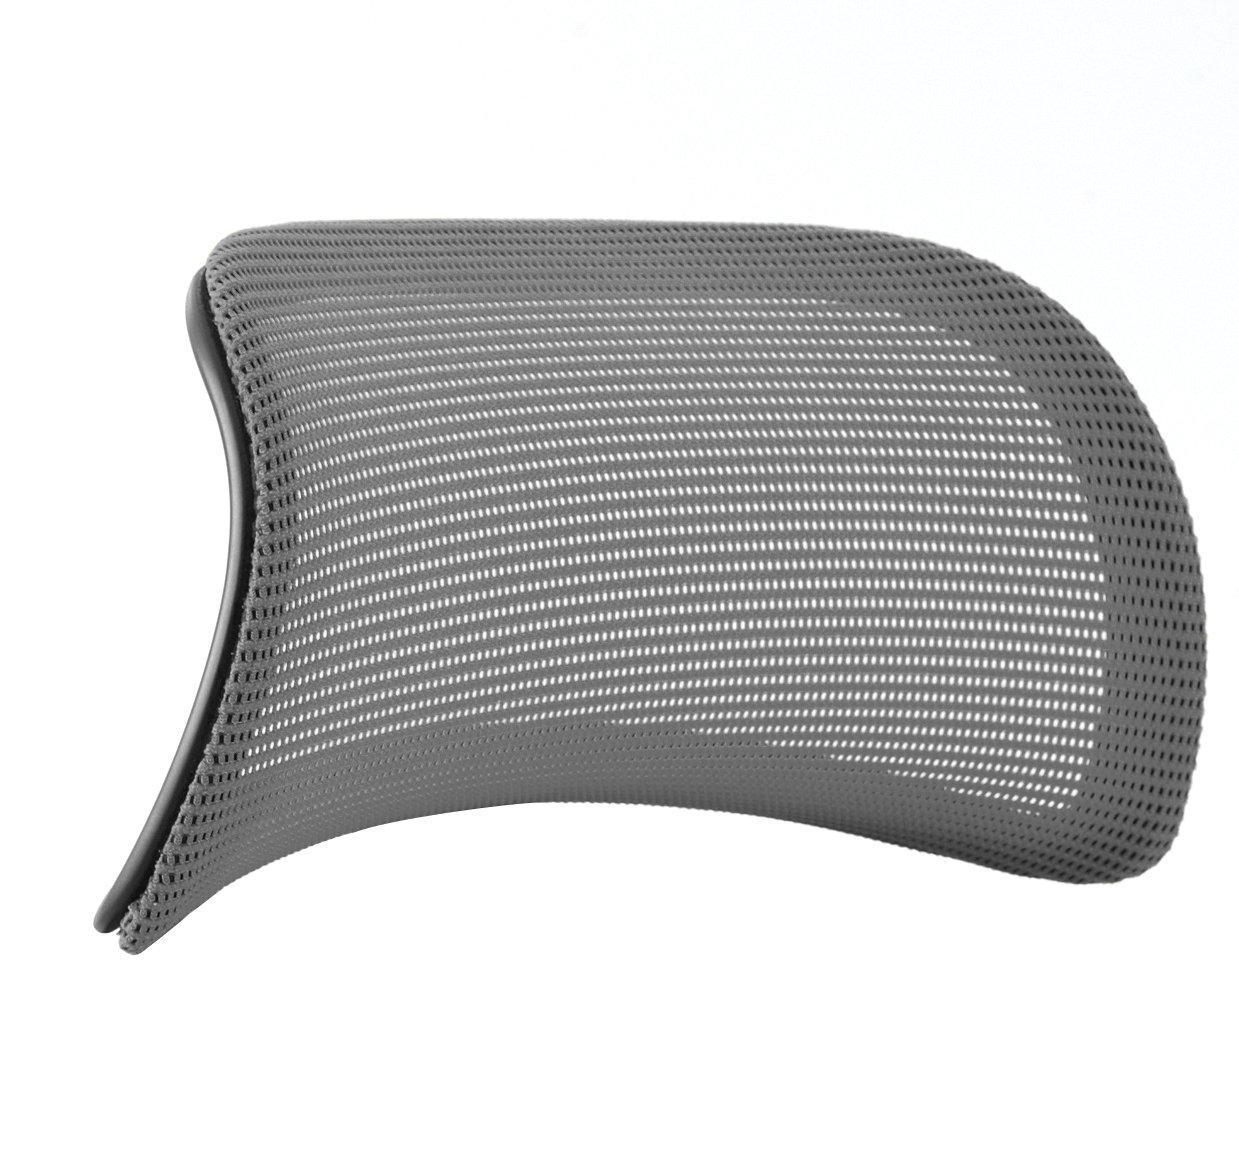 オカムラ オプションパーツ 大型ヘッドレスト コンテッサ専用 ライトグレー  CM501B-FBC3 B00GMAW1CW ライトグレー ライトグレー